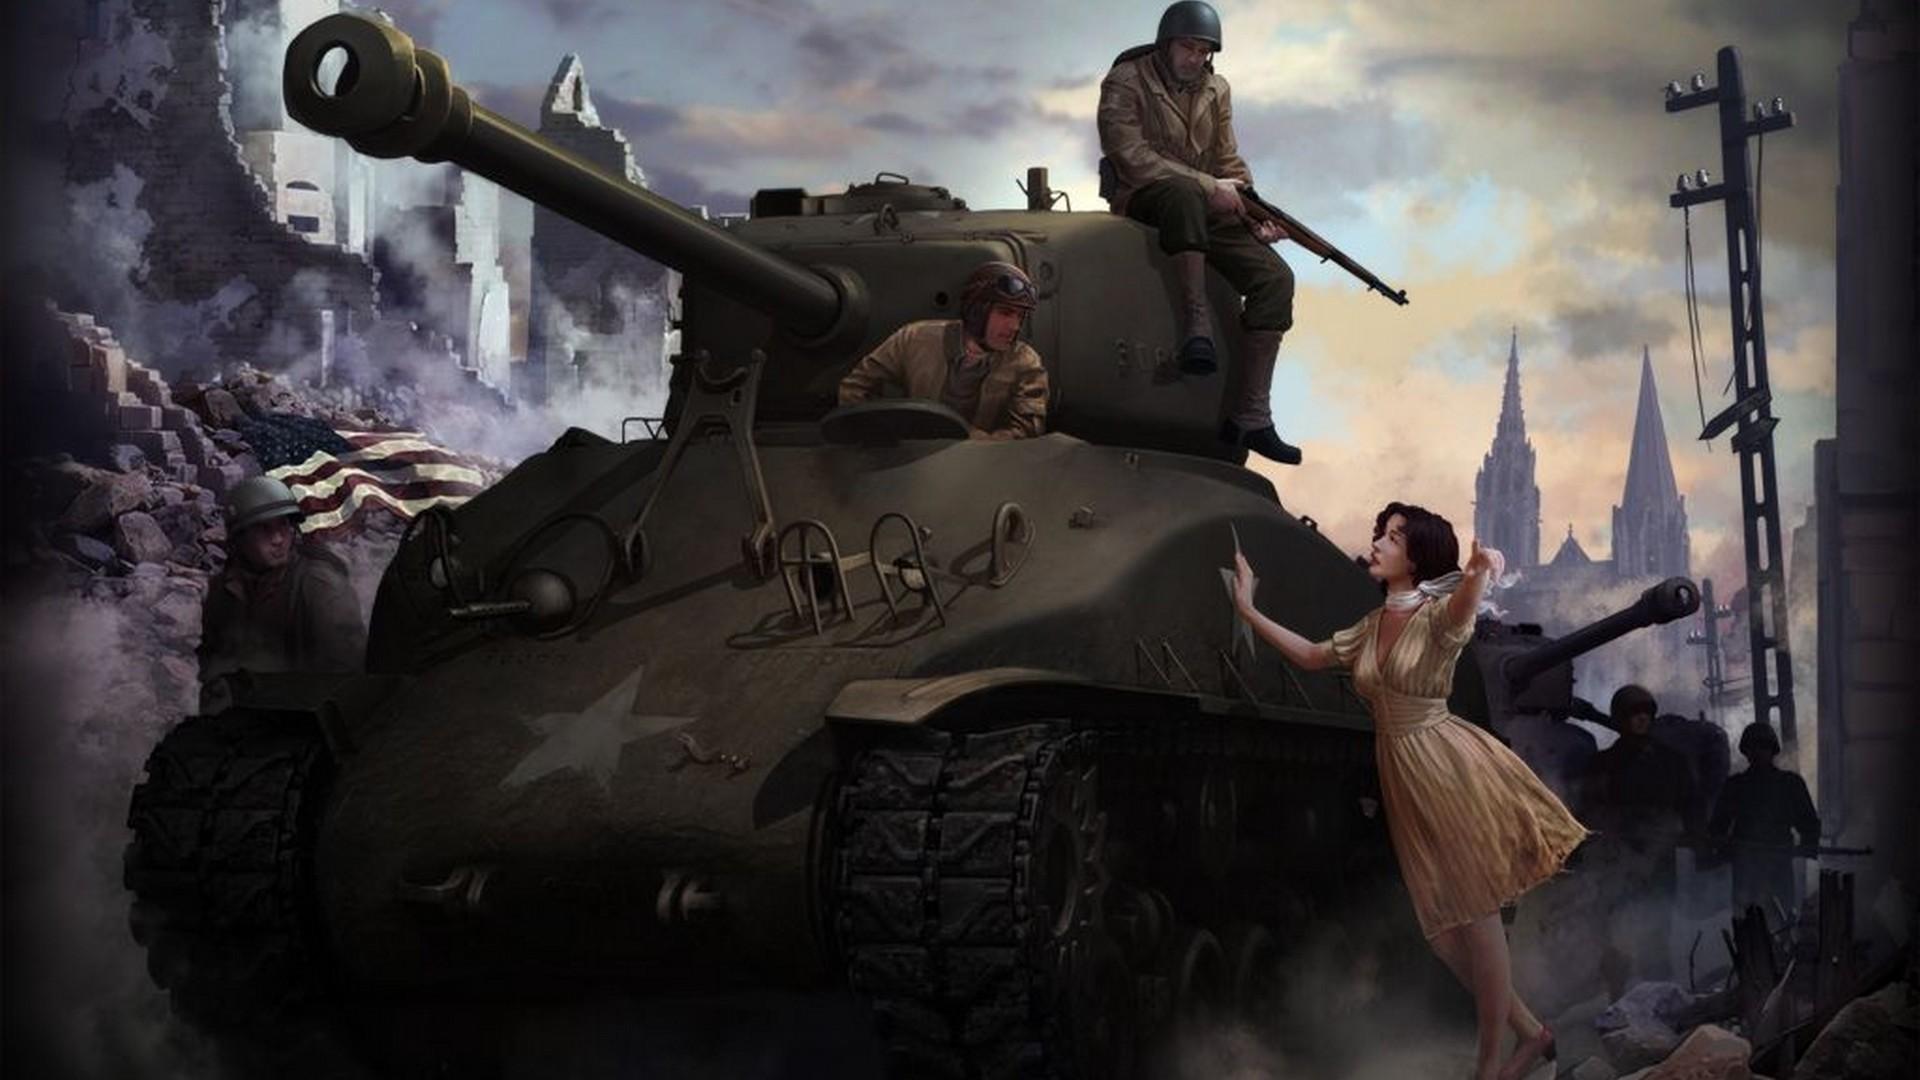 Шерман танк, скачать фото, рисунок, обои на рабочий стол